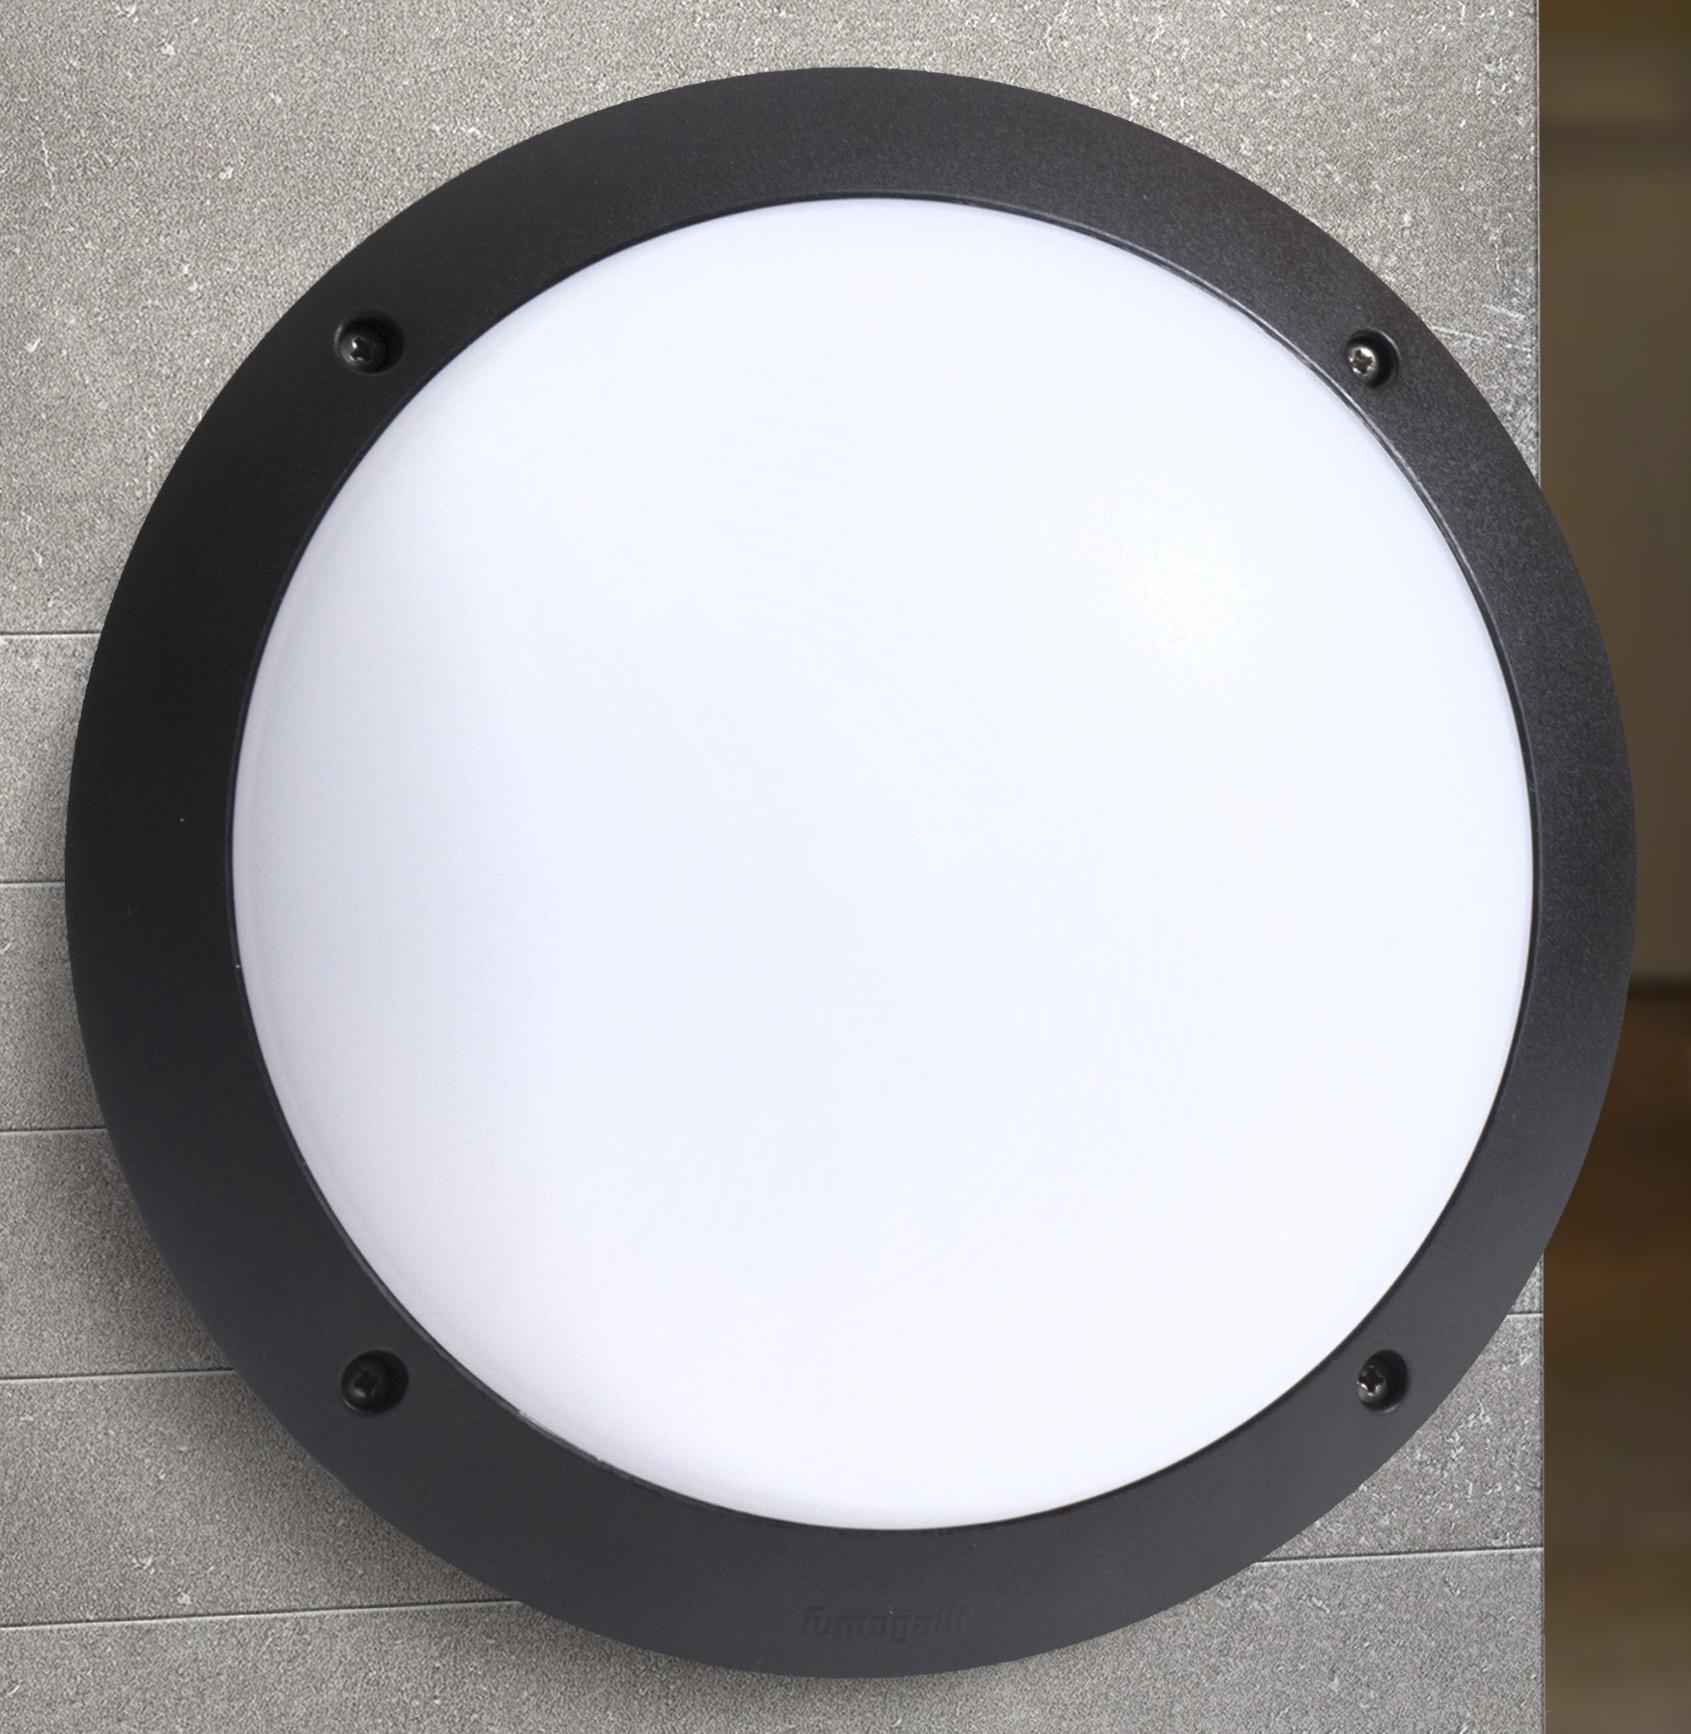 Светильник Fumagalli Lucia bm, уличный, производство: Италия, черный матовый цена